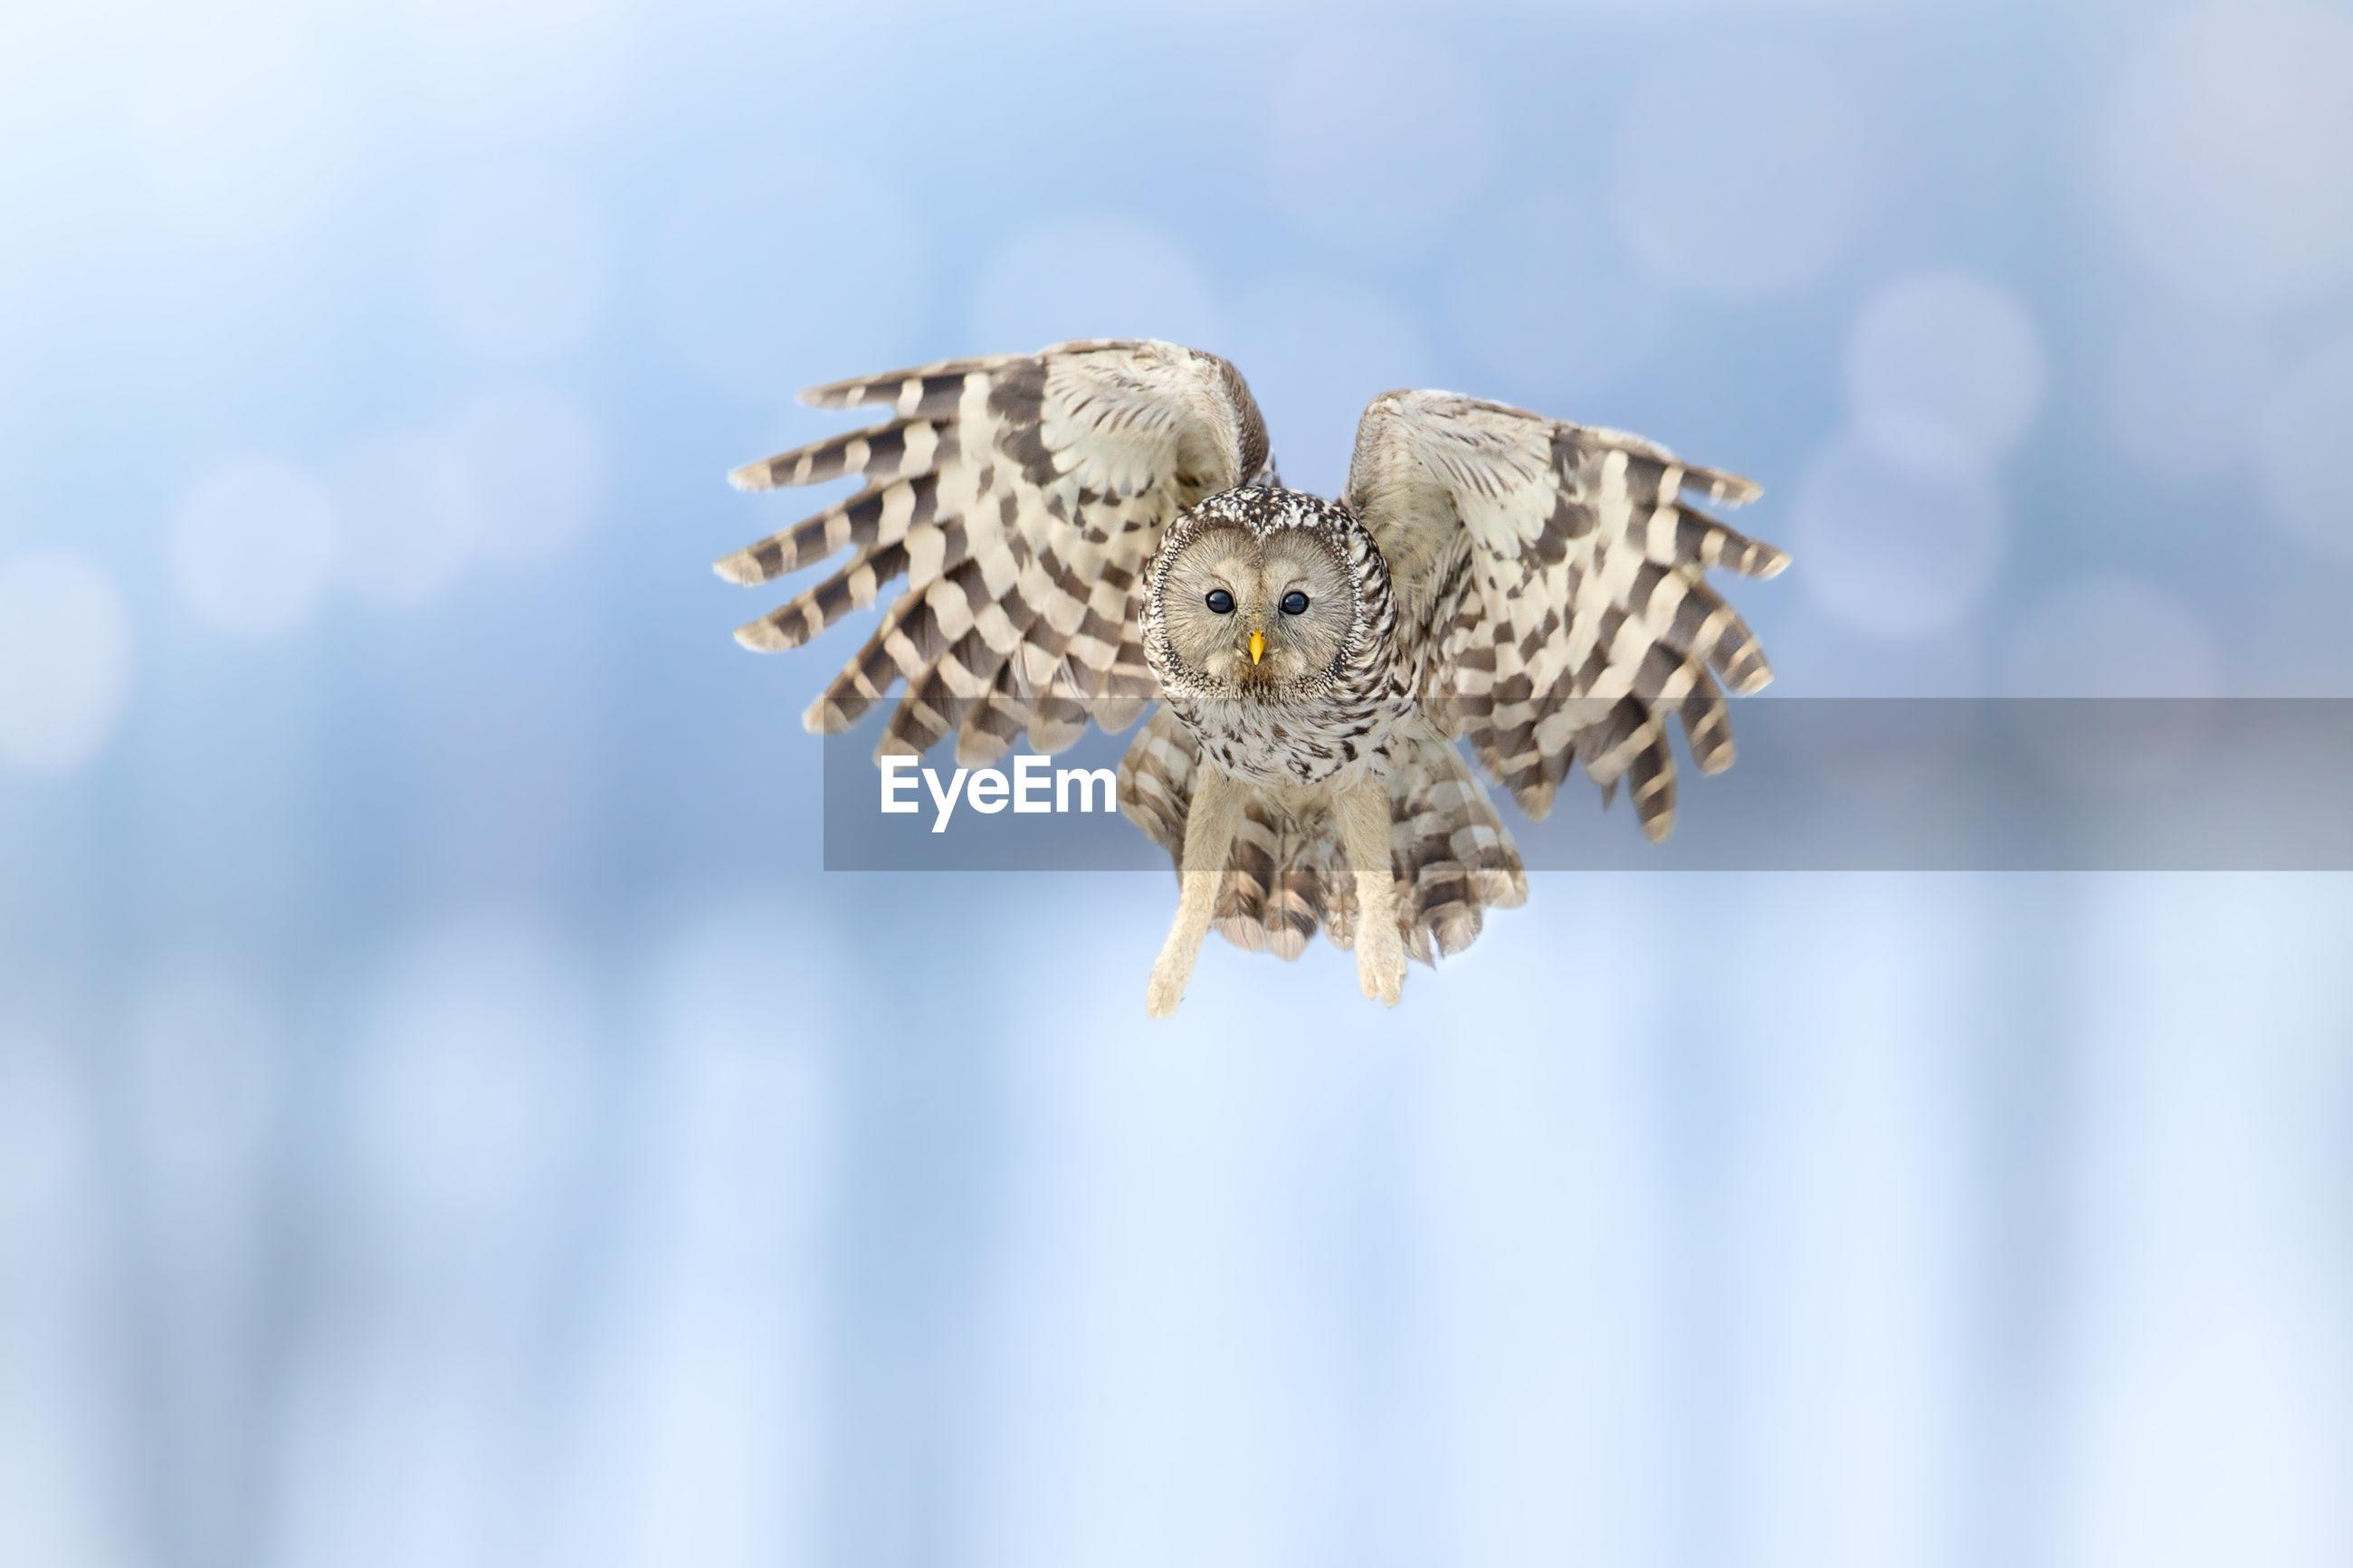 Ural owl flying in mid-air